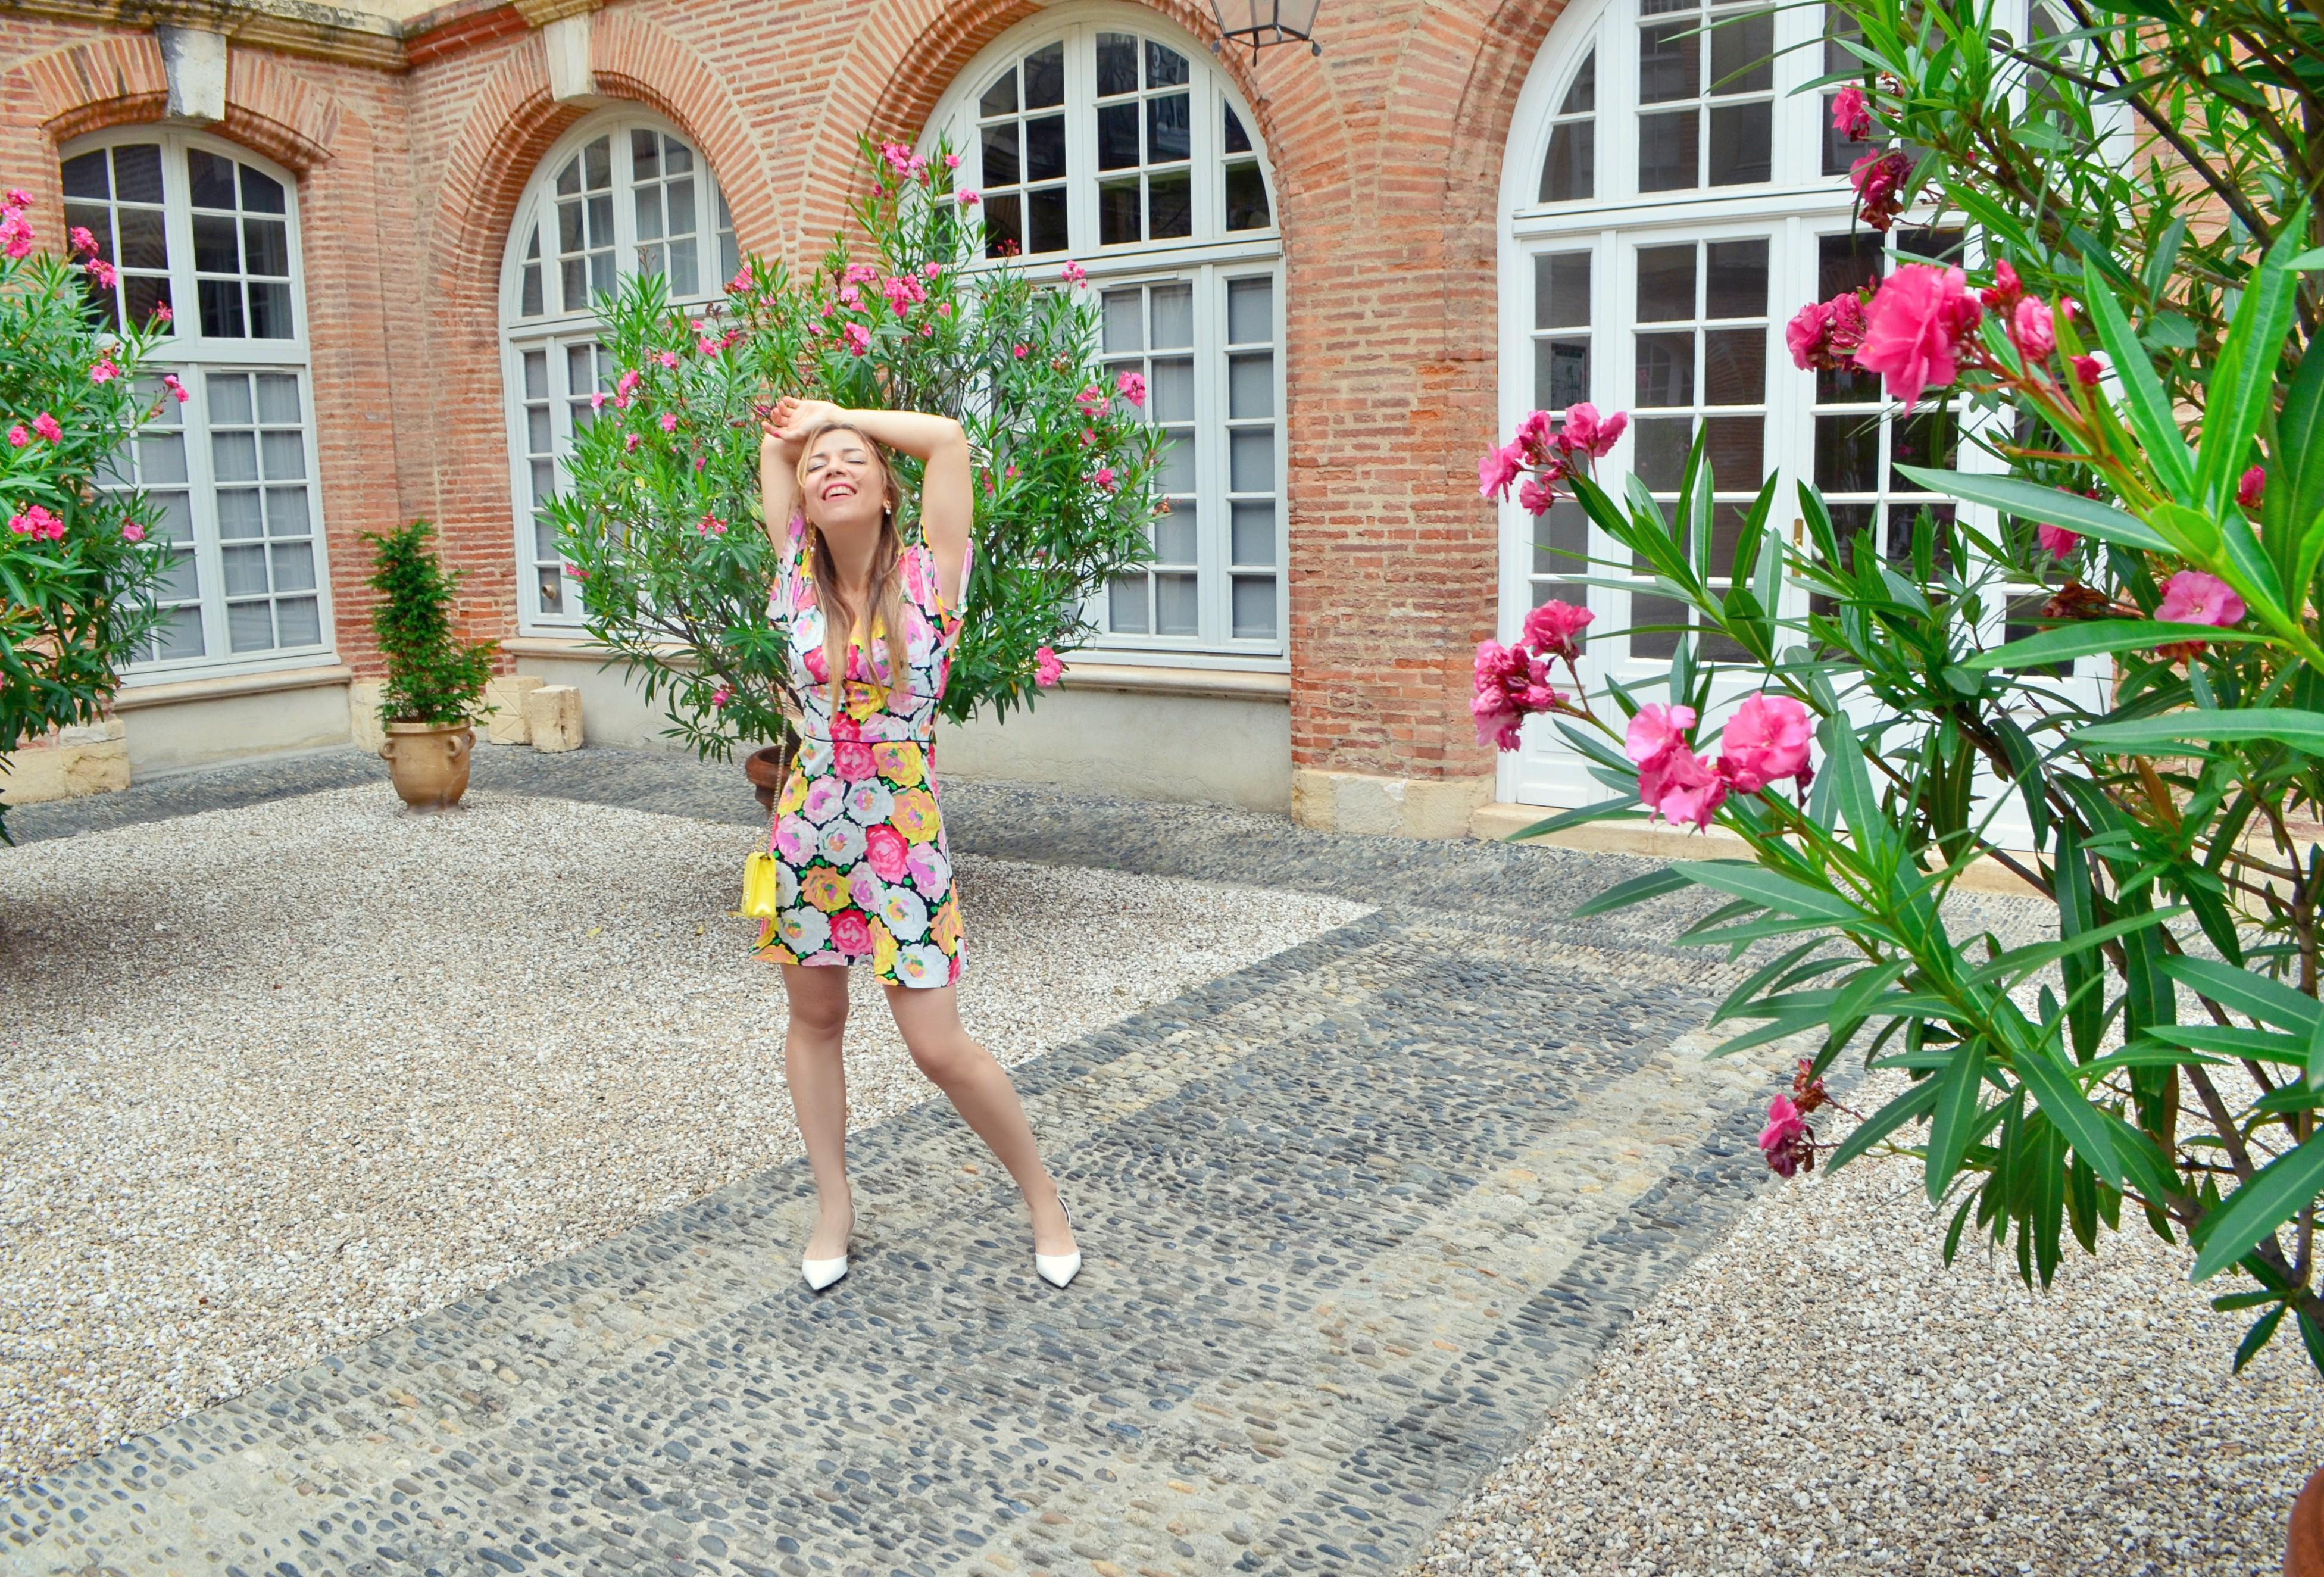 Influencer-Madrid-Chic-Adicta-blog-de-moda-ChicAdicta-vestido-de-flores-zara-look-que-ver-en-toulouse-fashion-travel-PiensaenChic-Piensa-en-Chic